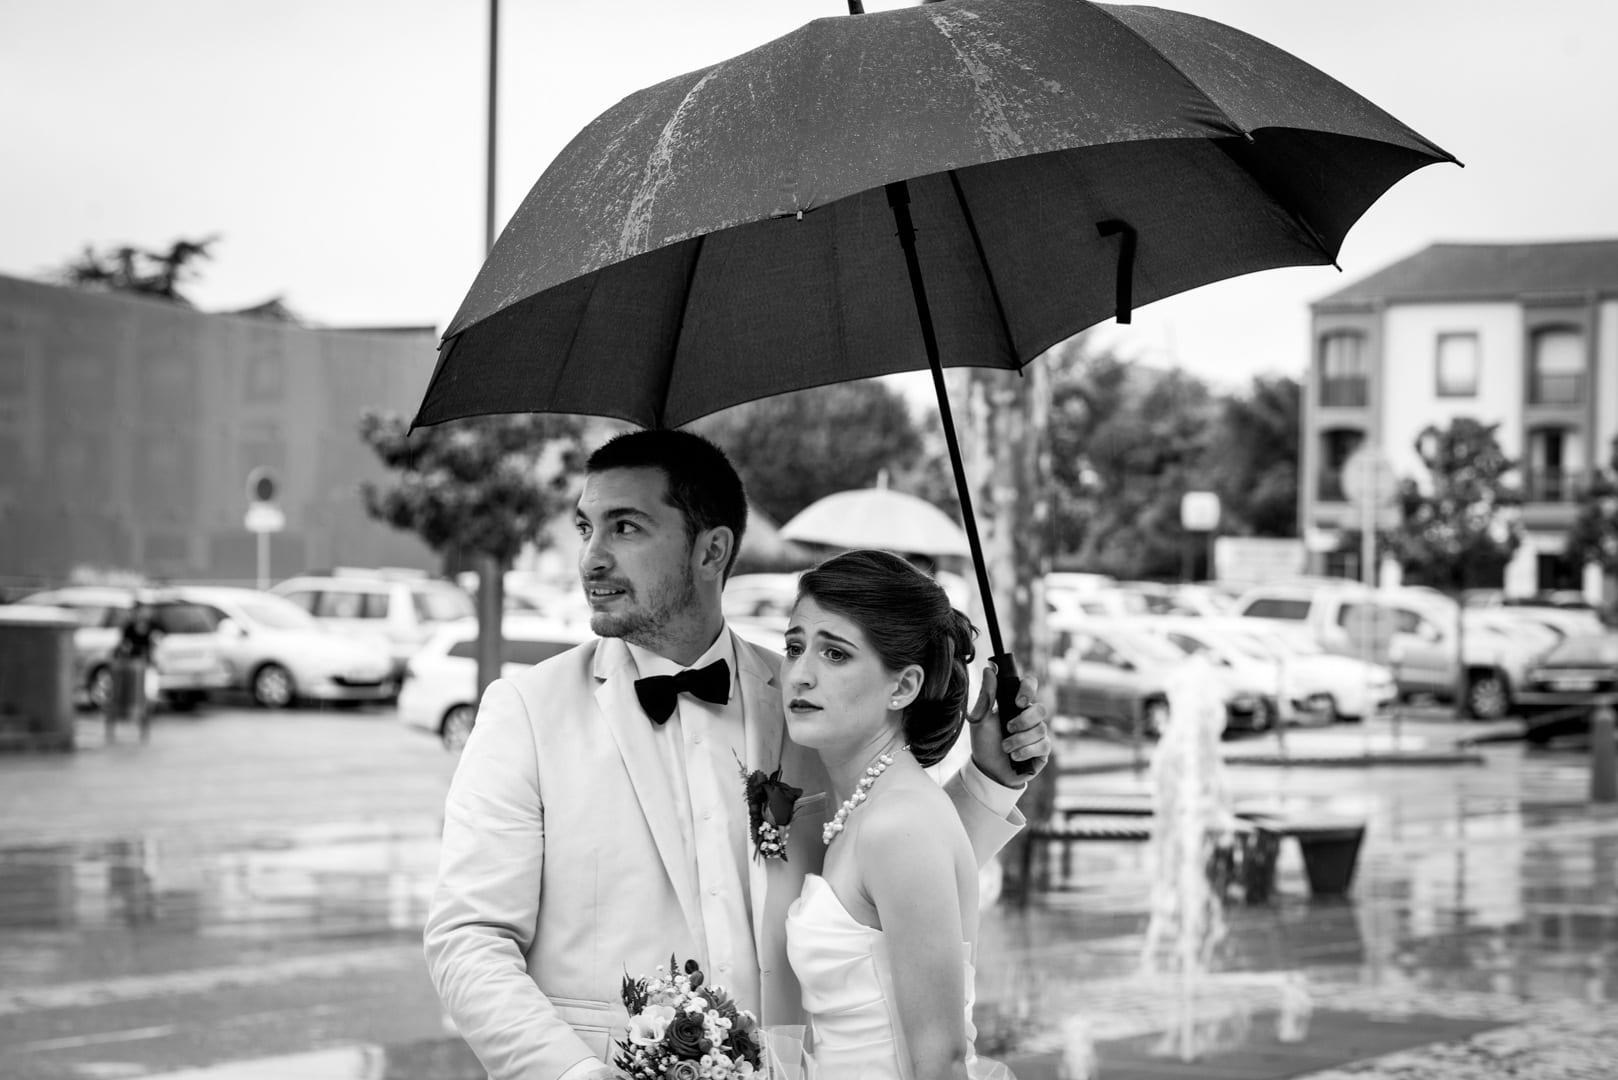 mariage sous la pluie en noir et blanc